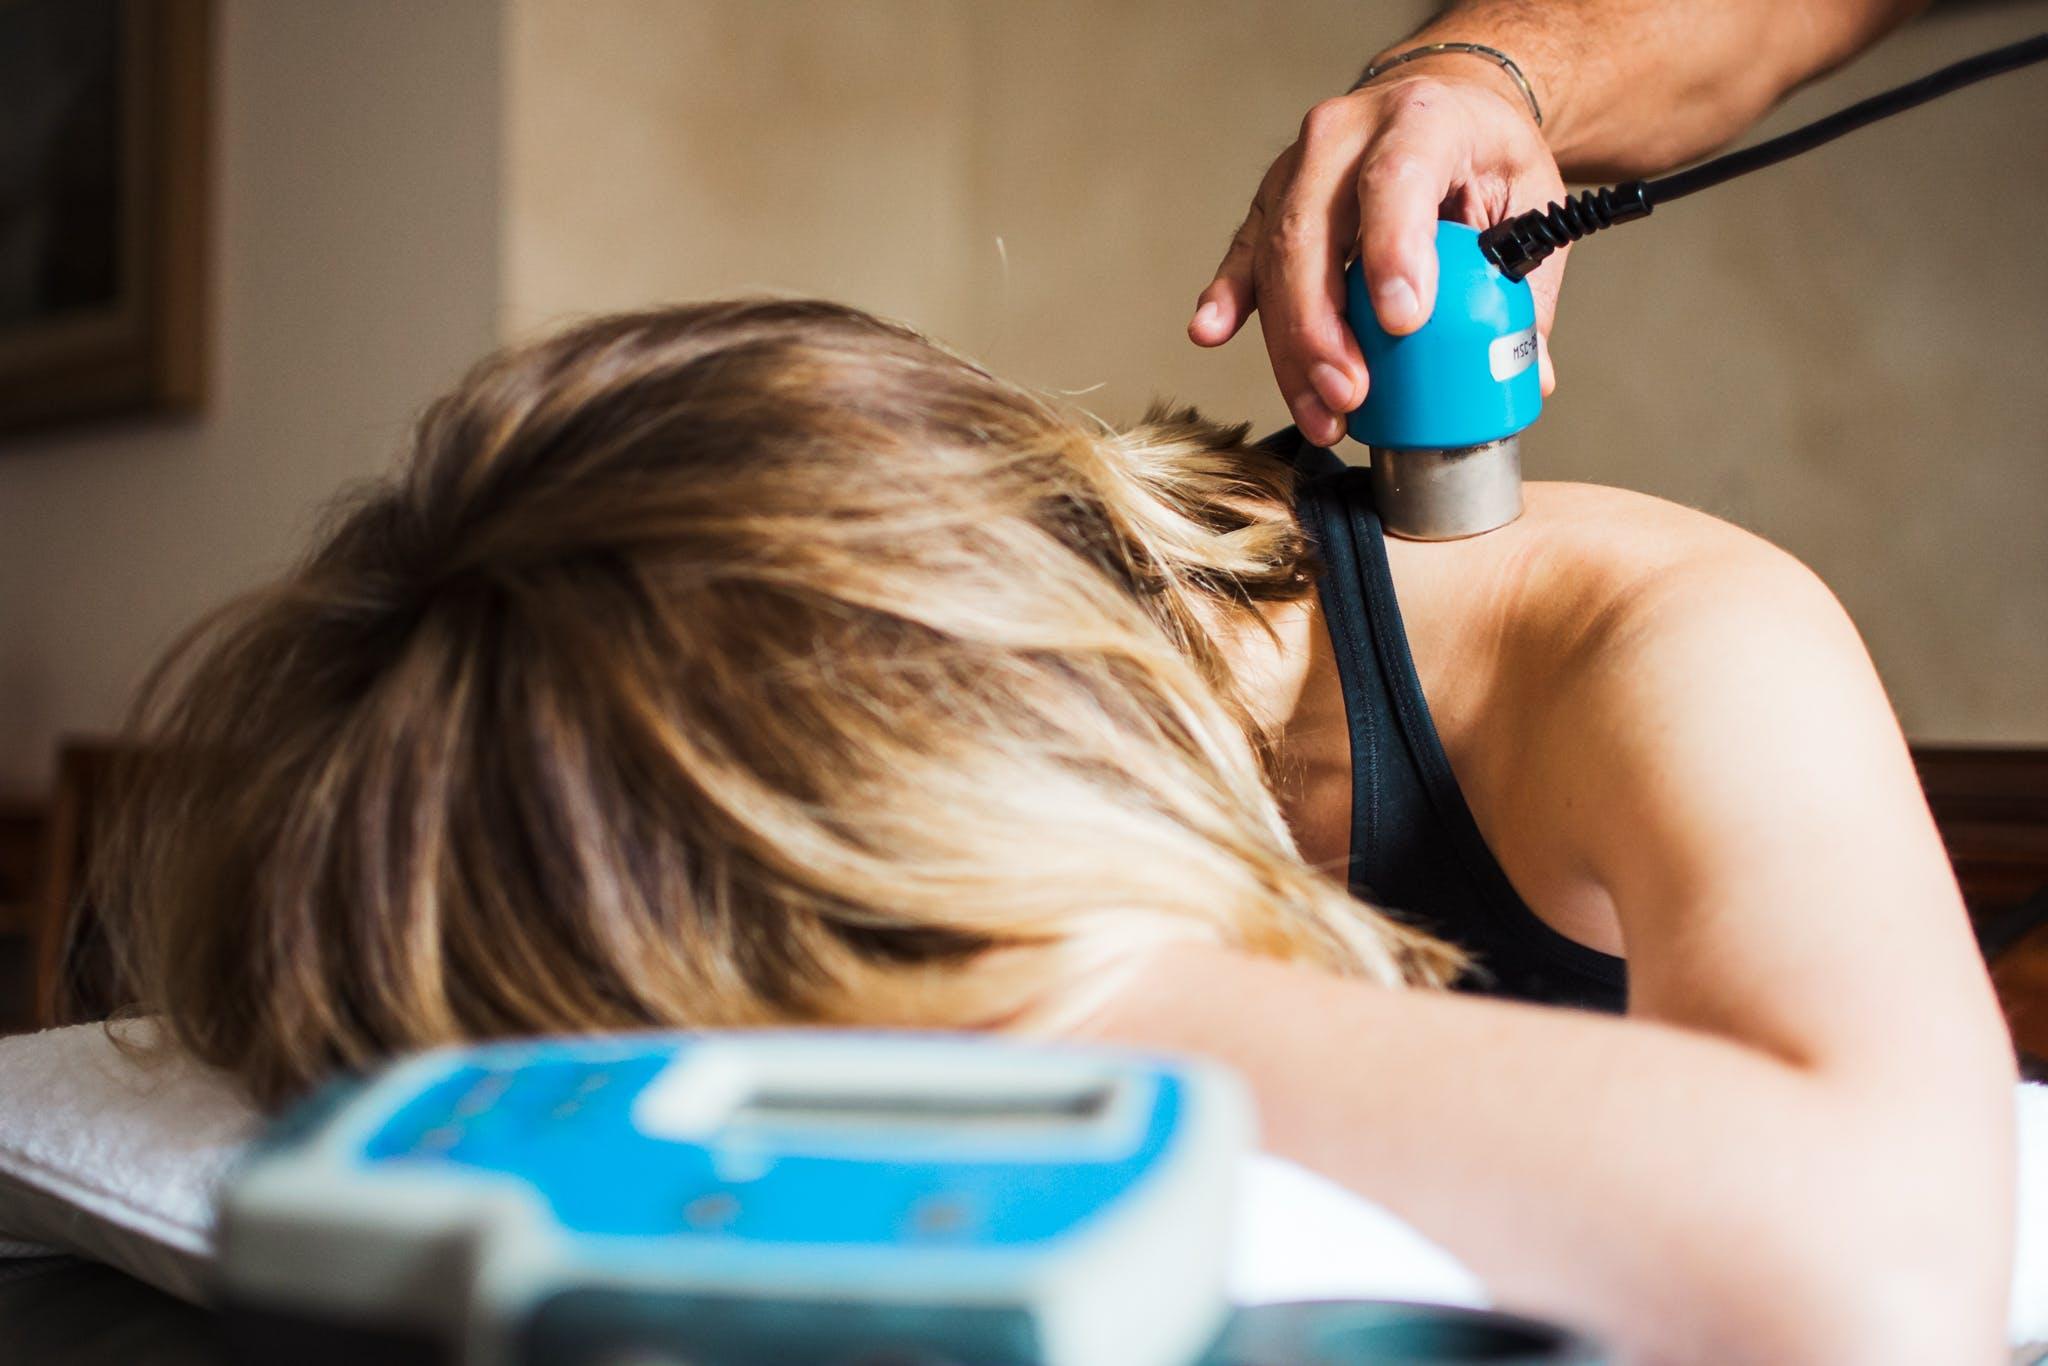 La tecarterapia è una tecnica fisioterapica utile alla riabilitazione motoria.